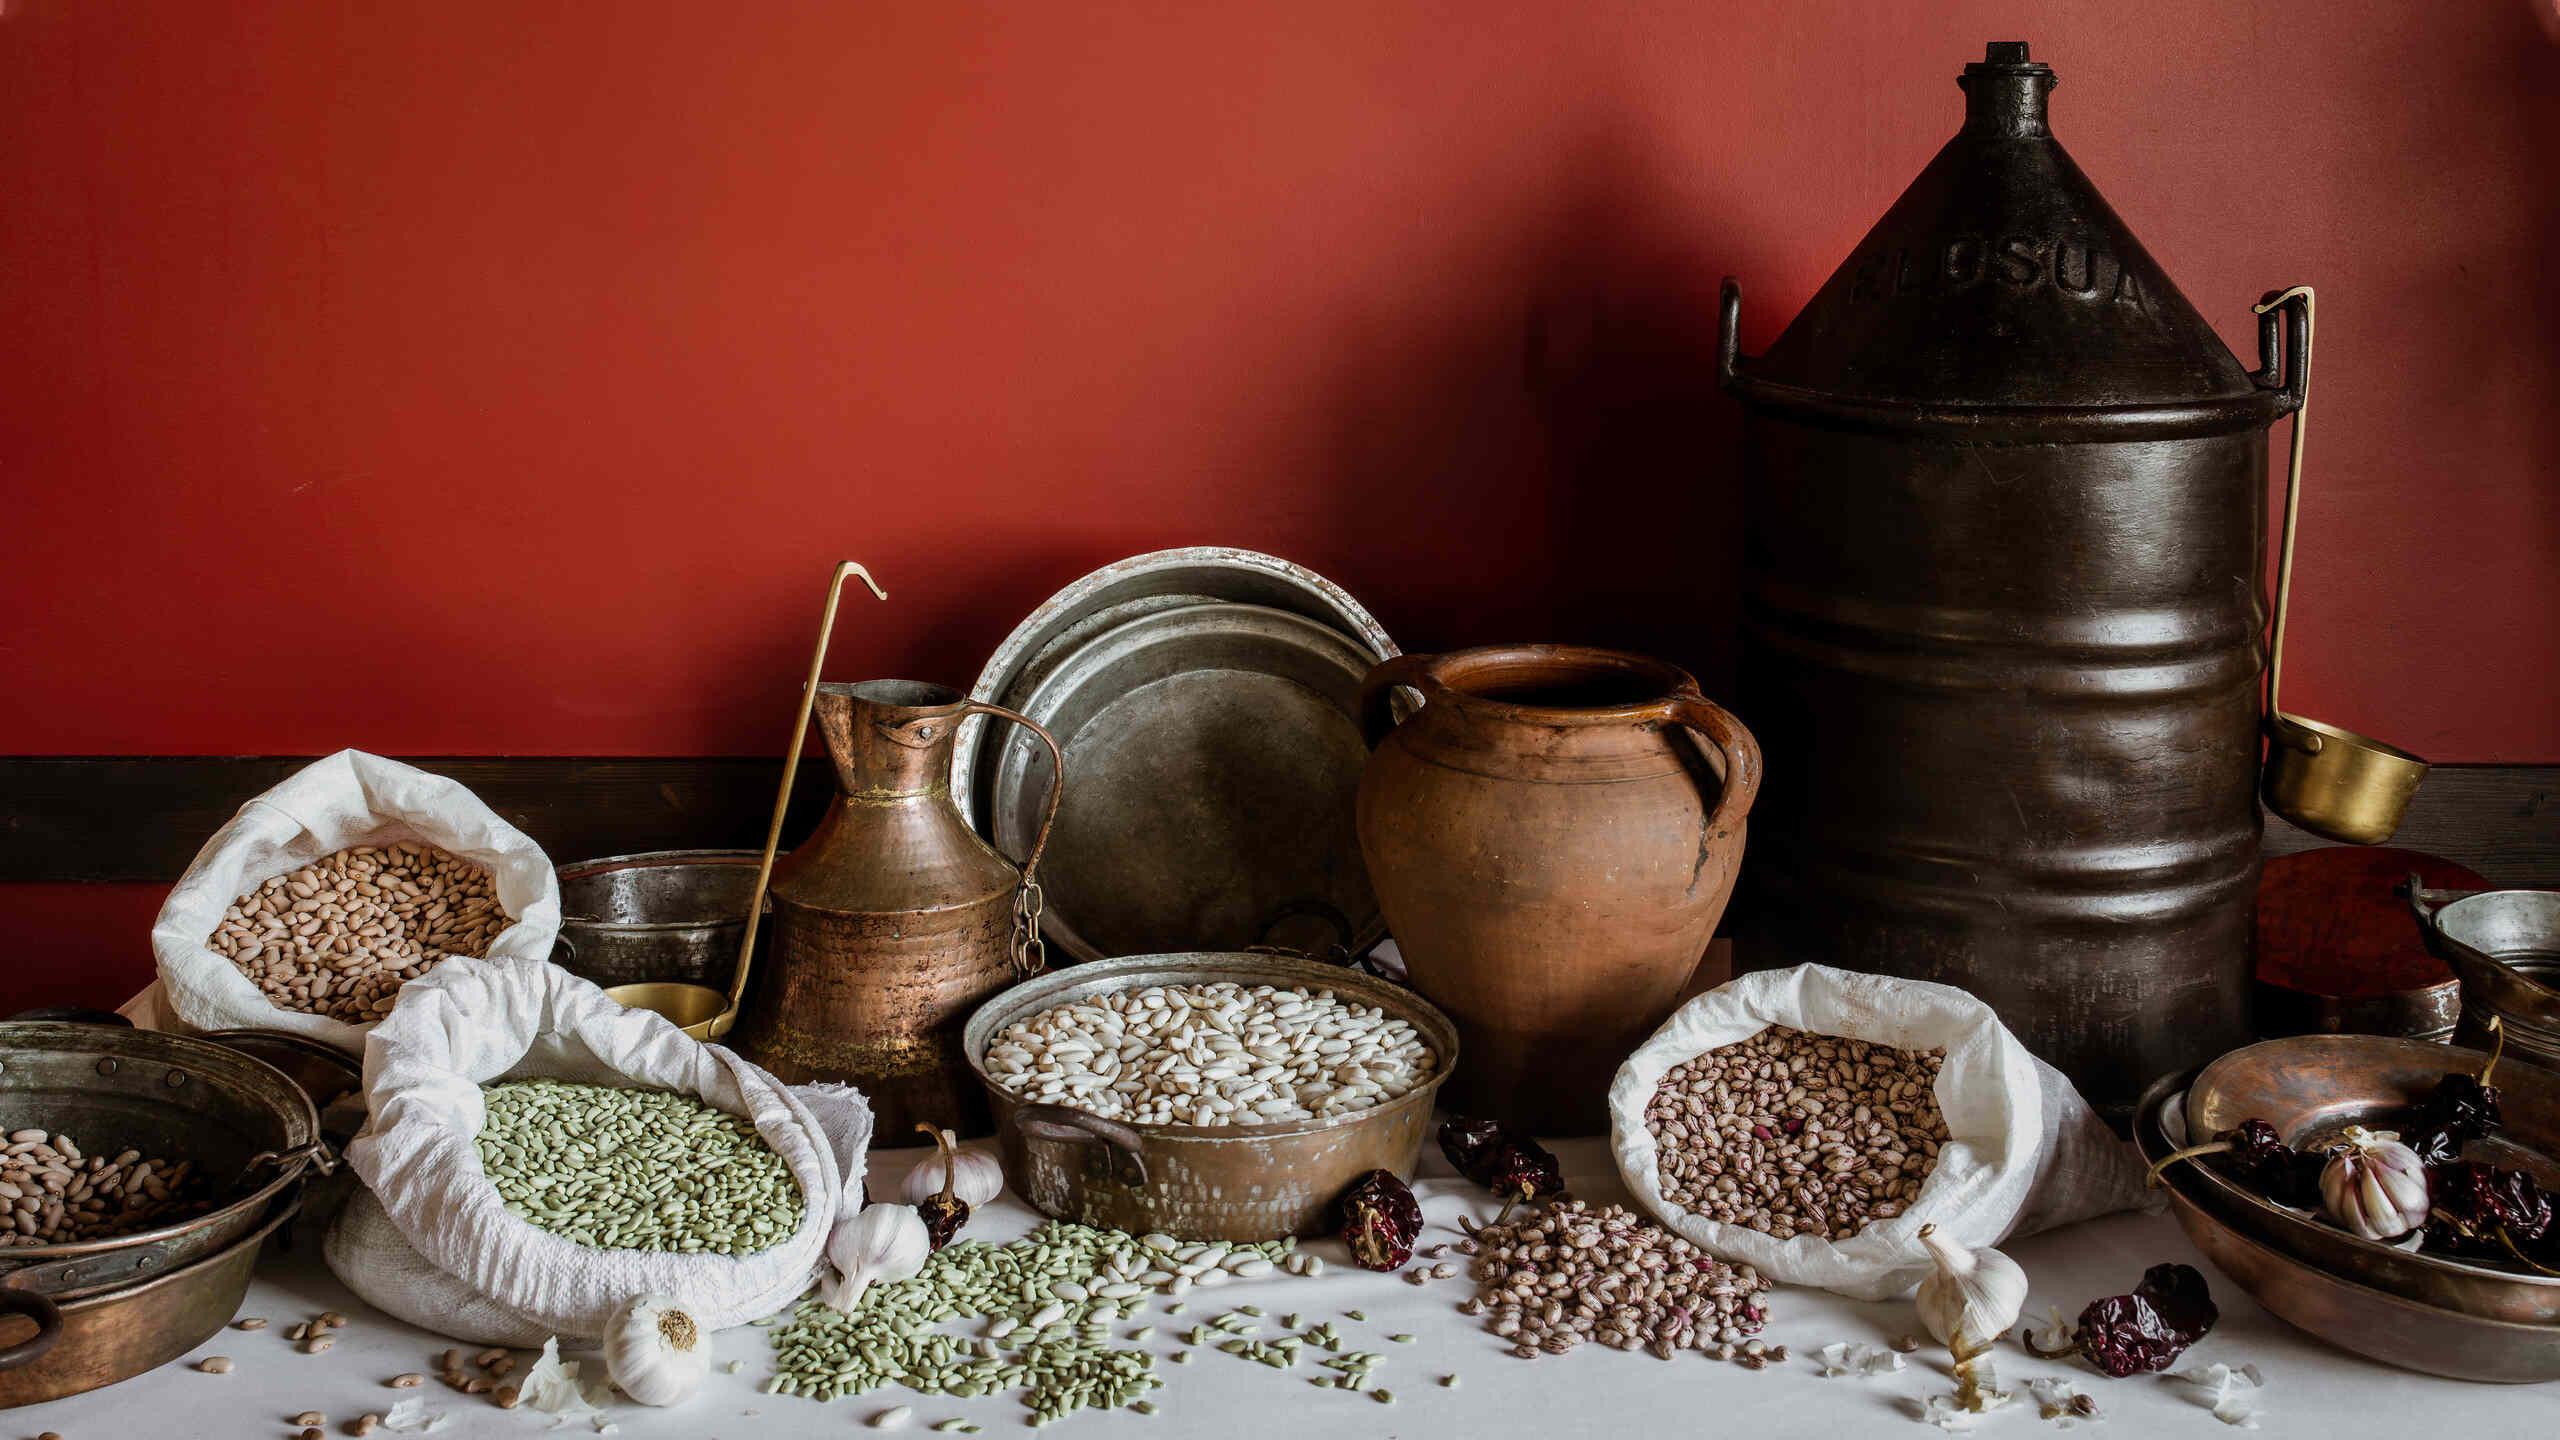 fotografo de comida asturiana